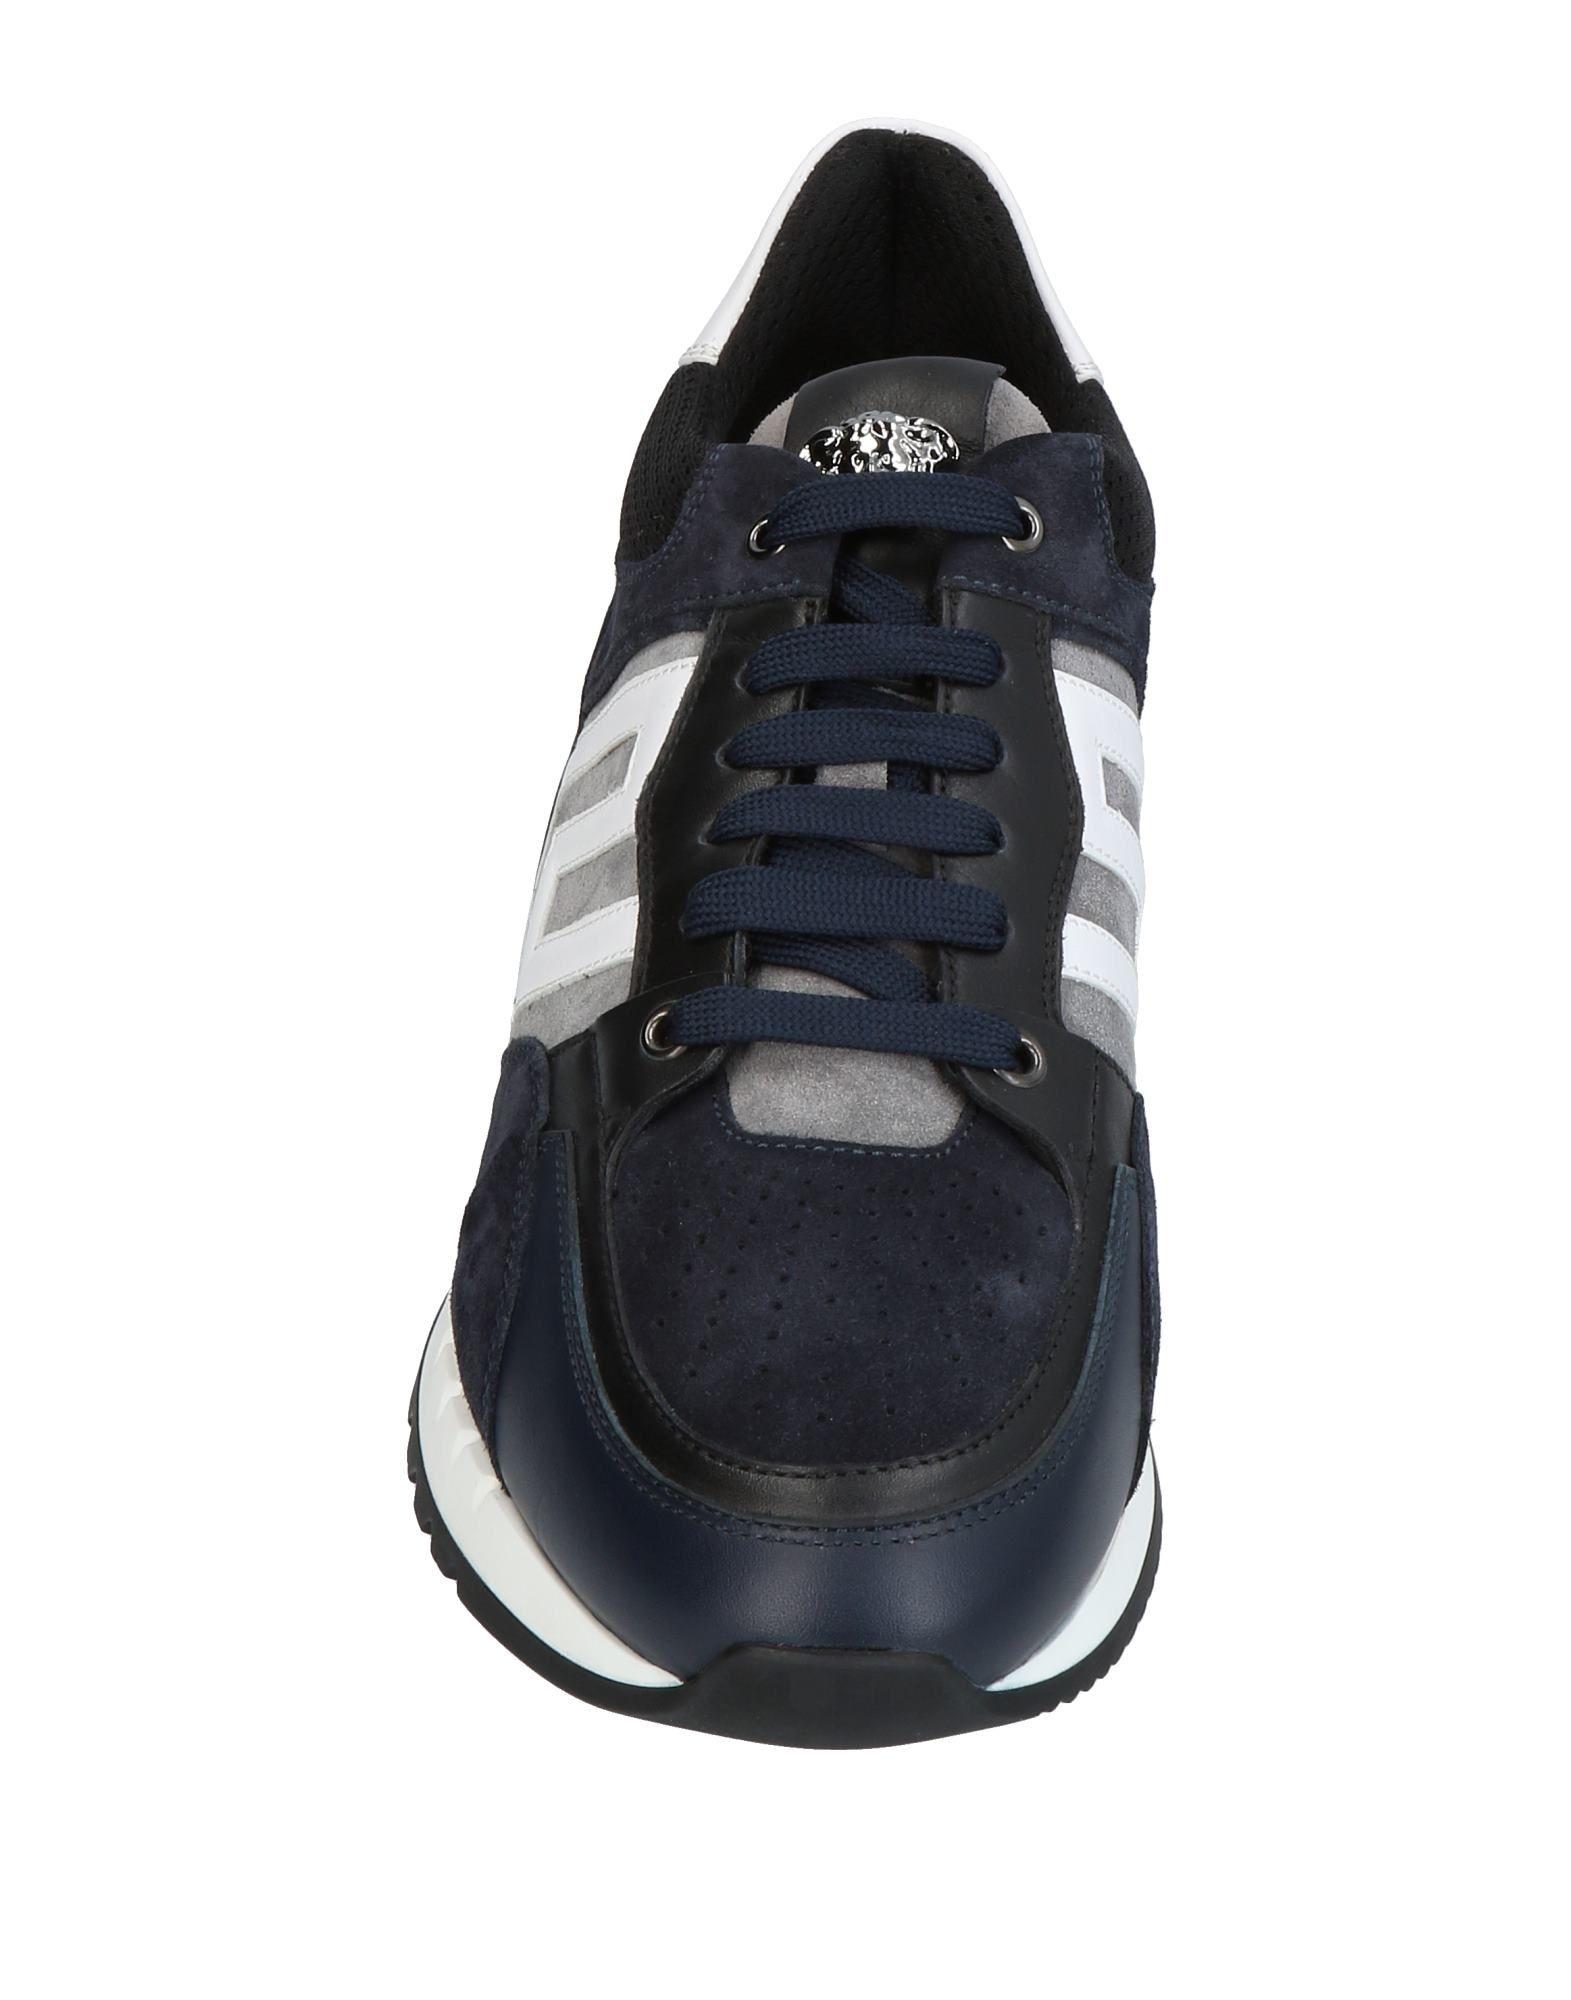 Versace Sneakers Herren  11435737HG Schuhe Gute Qualität beliebte Schuhe 11435737HG a2e378